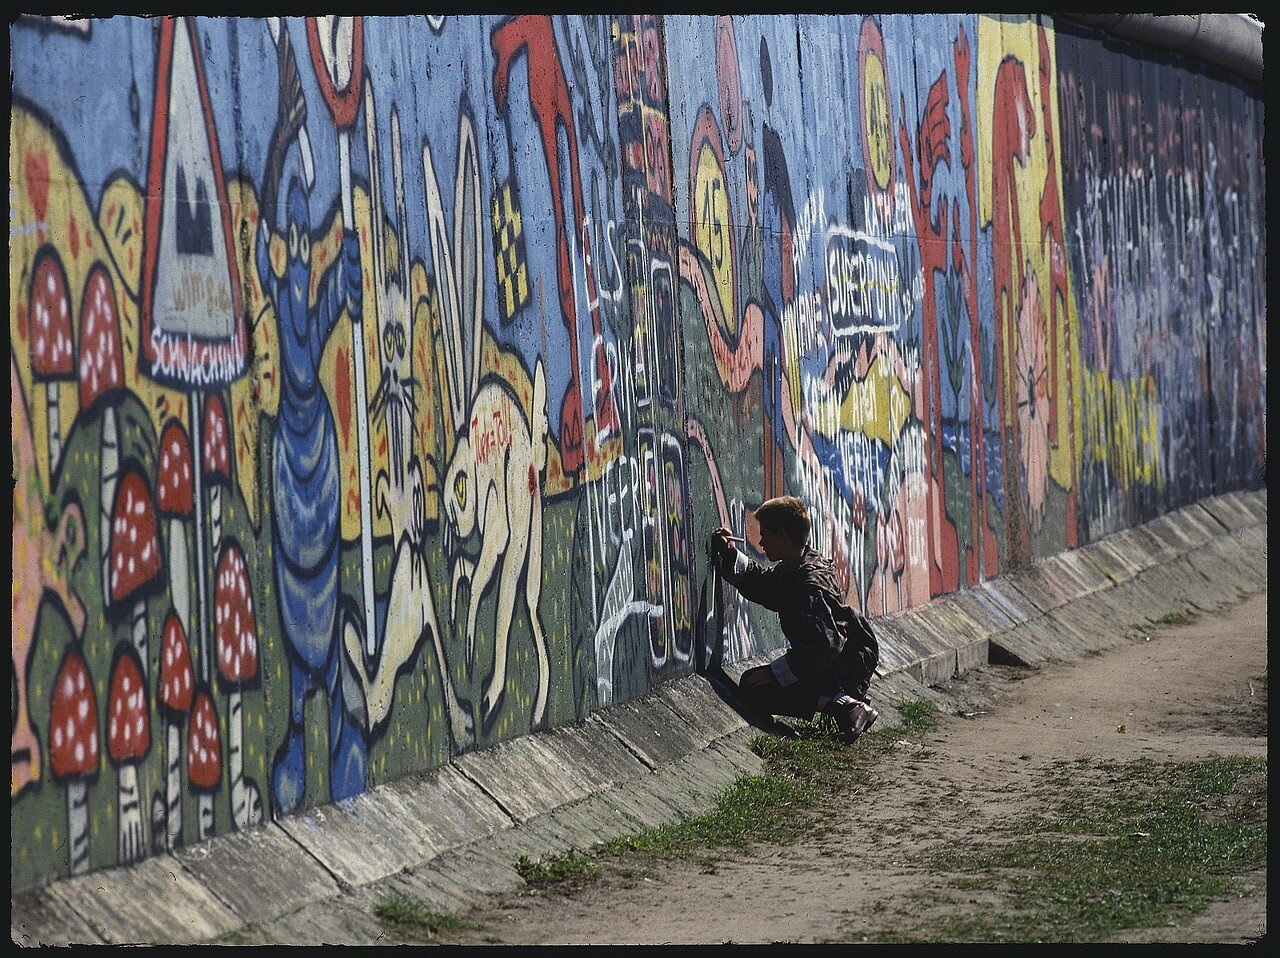 Западный Берлин. Потсдамская площадь. Подросток рисует на стене граффити